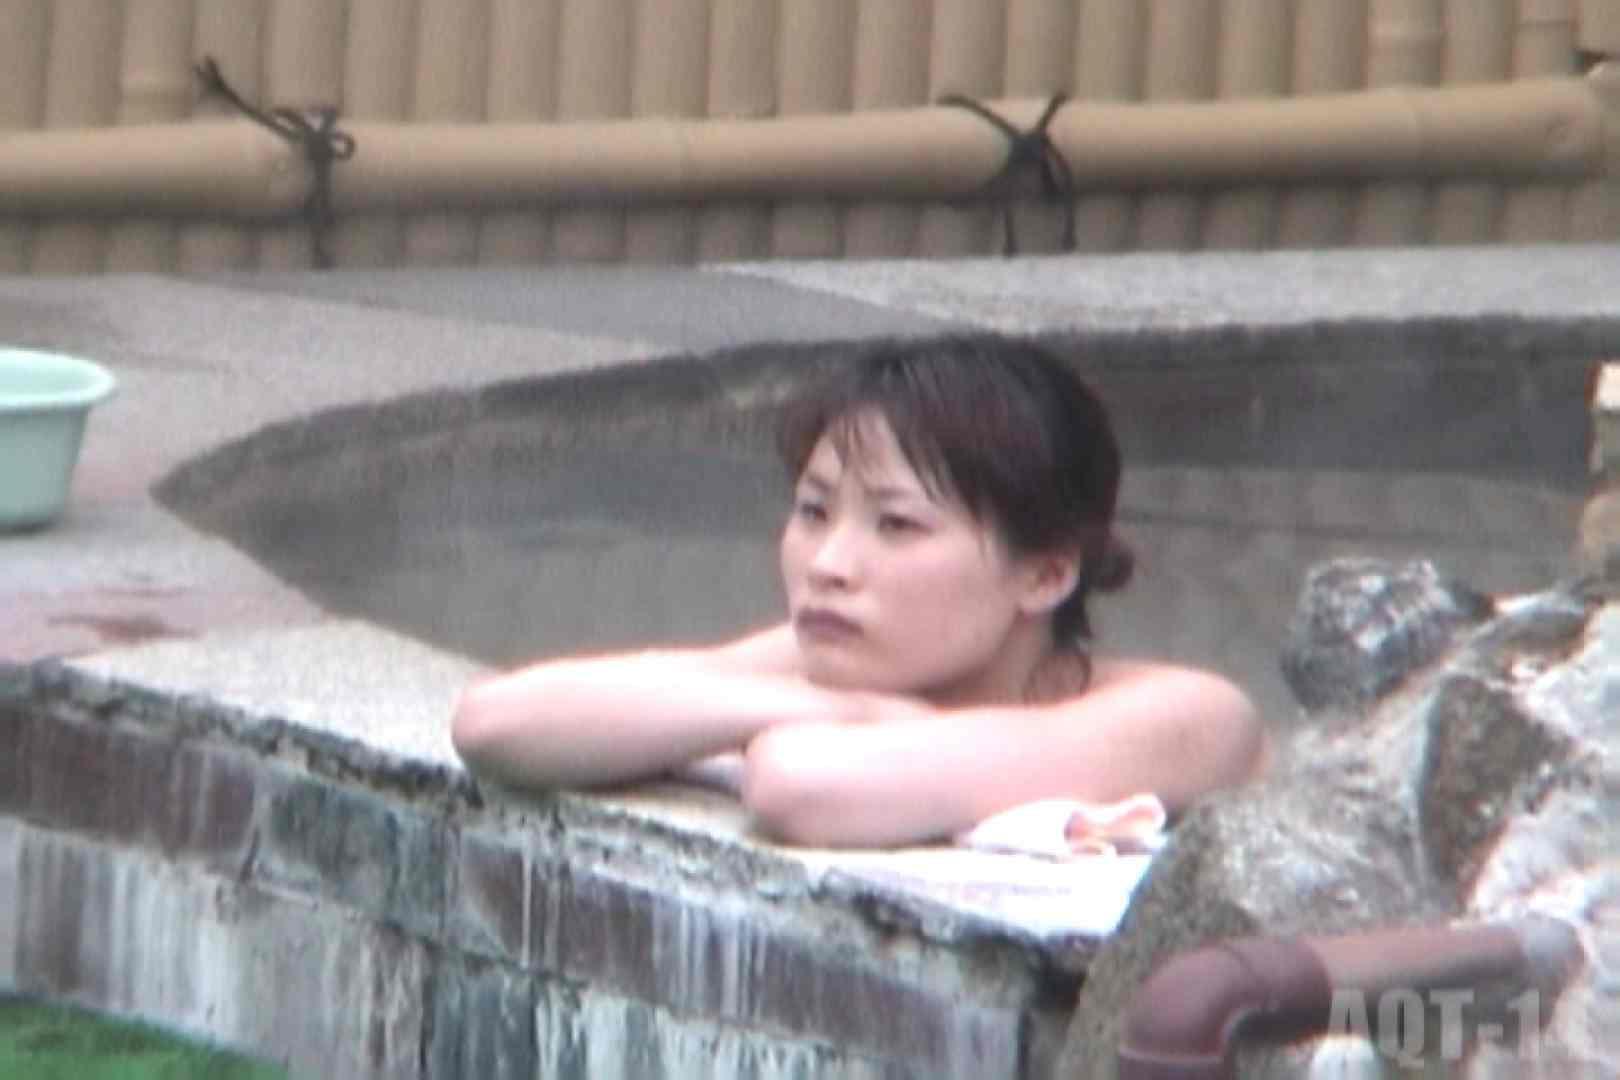 Aquaな露天風呂Vol.822 美しいOLの裸体  75pic 3